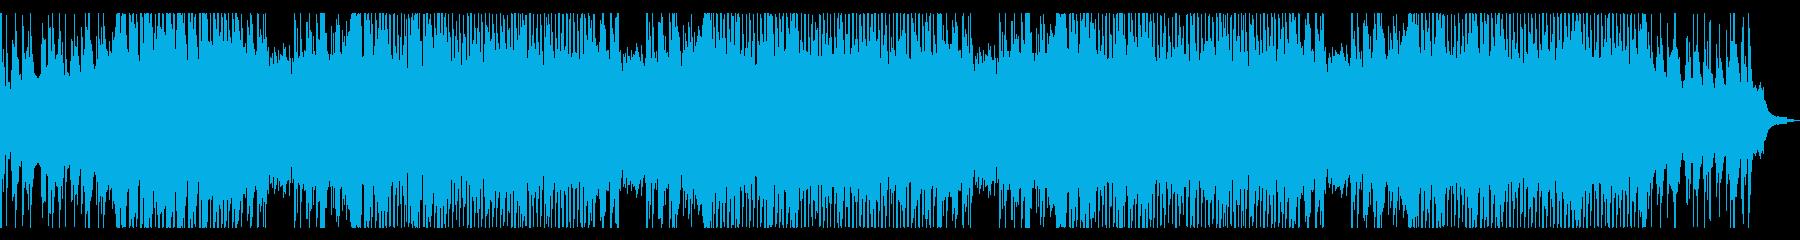 ピアノのアンビエント ロングの再生済みの波形